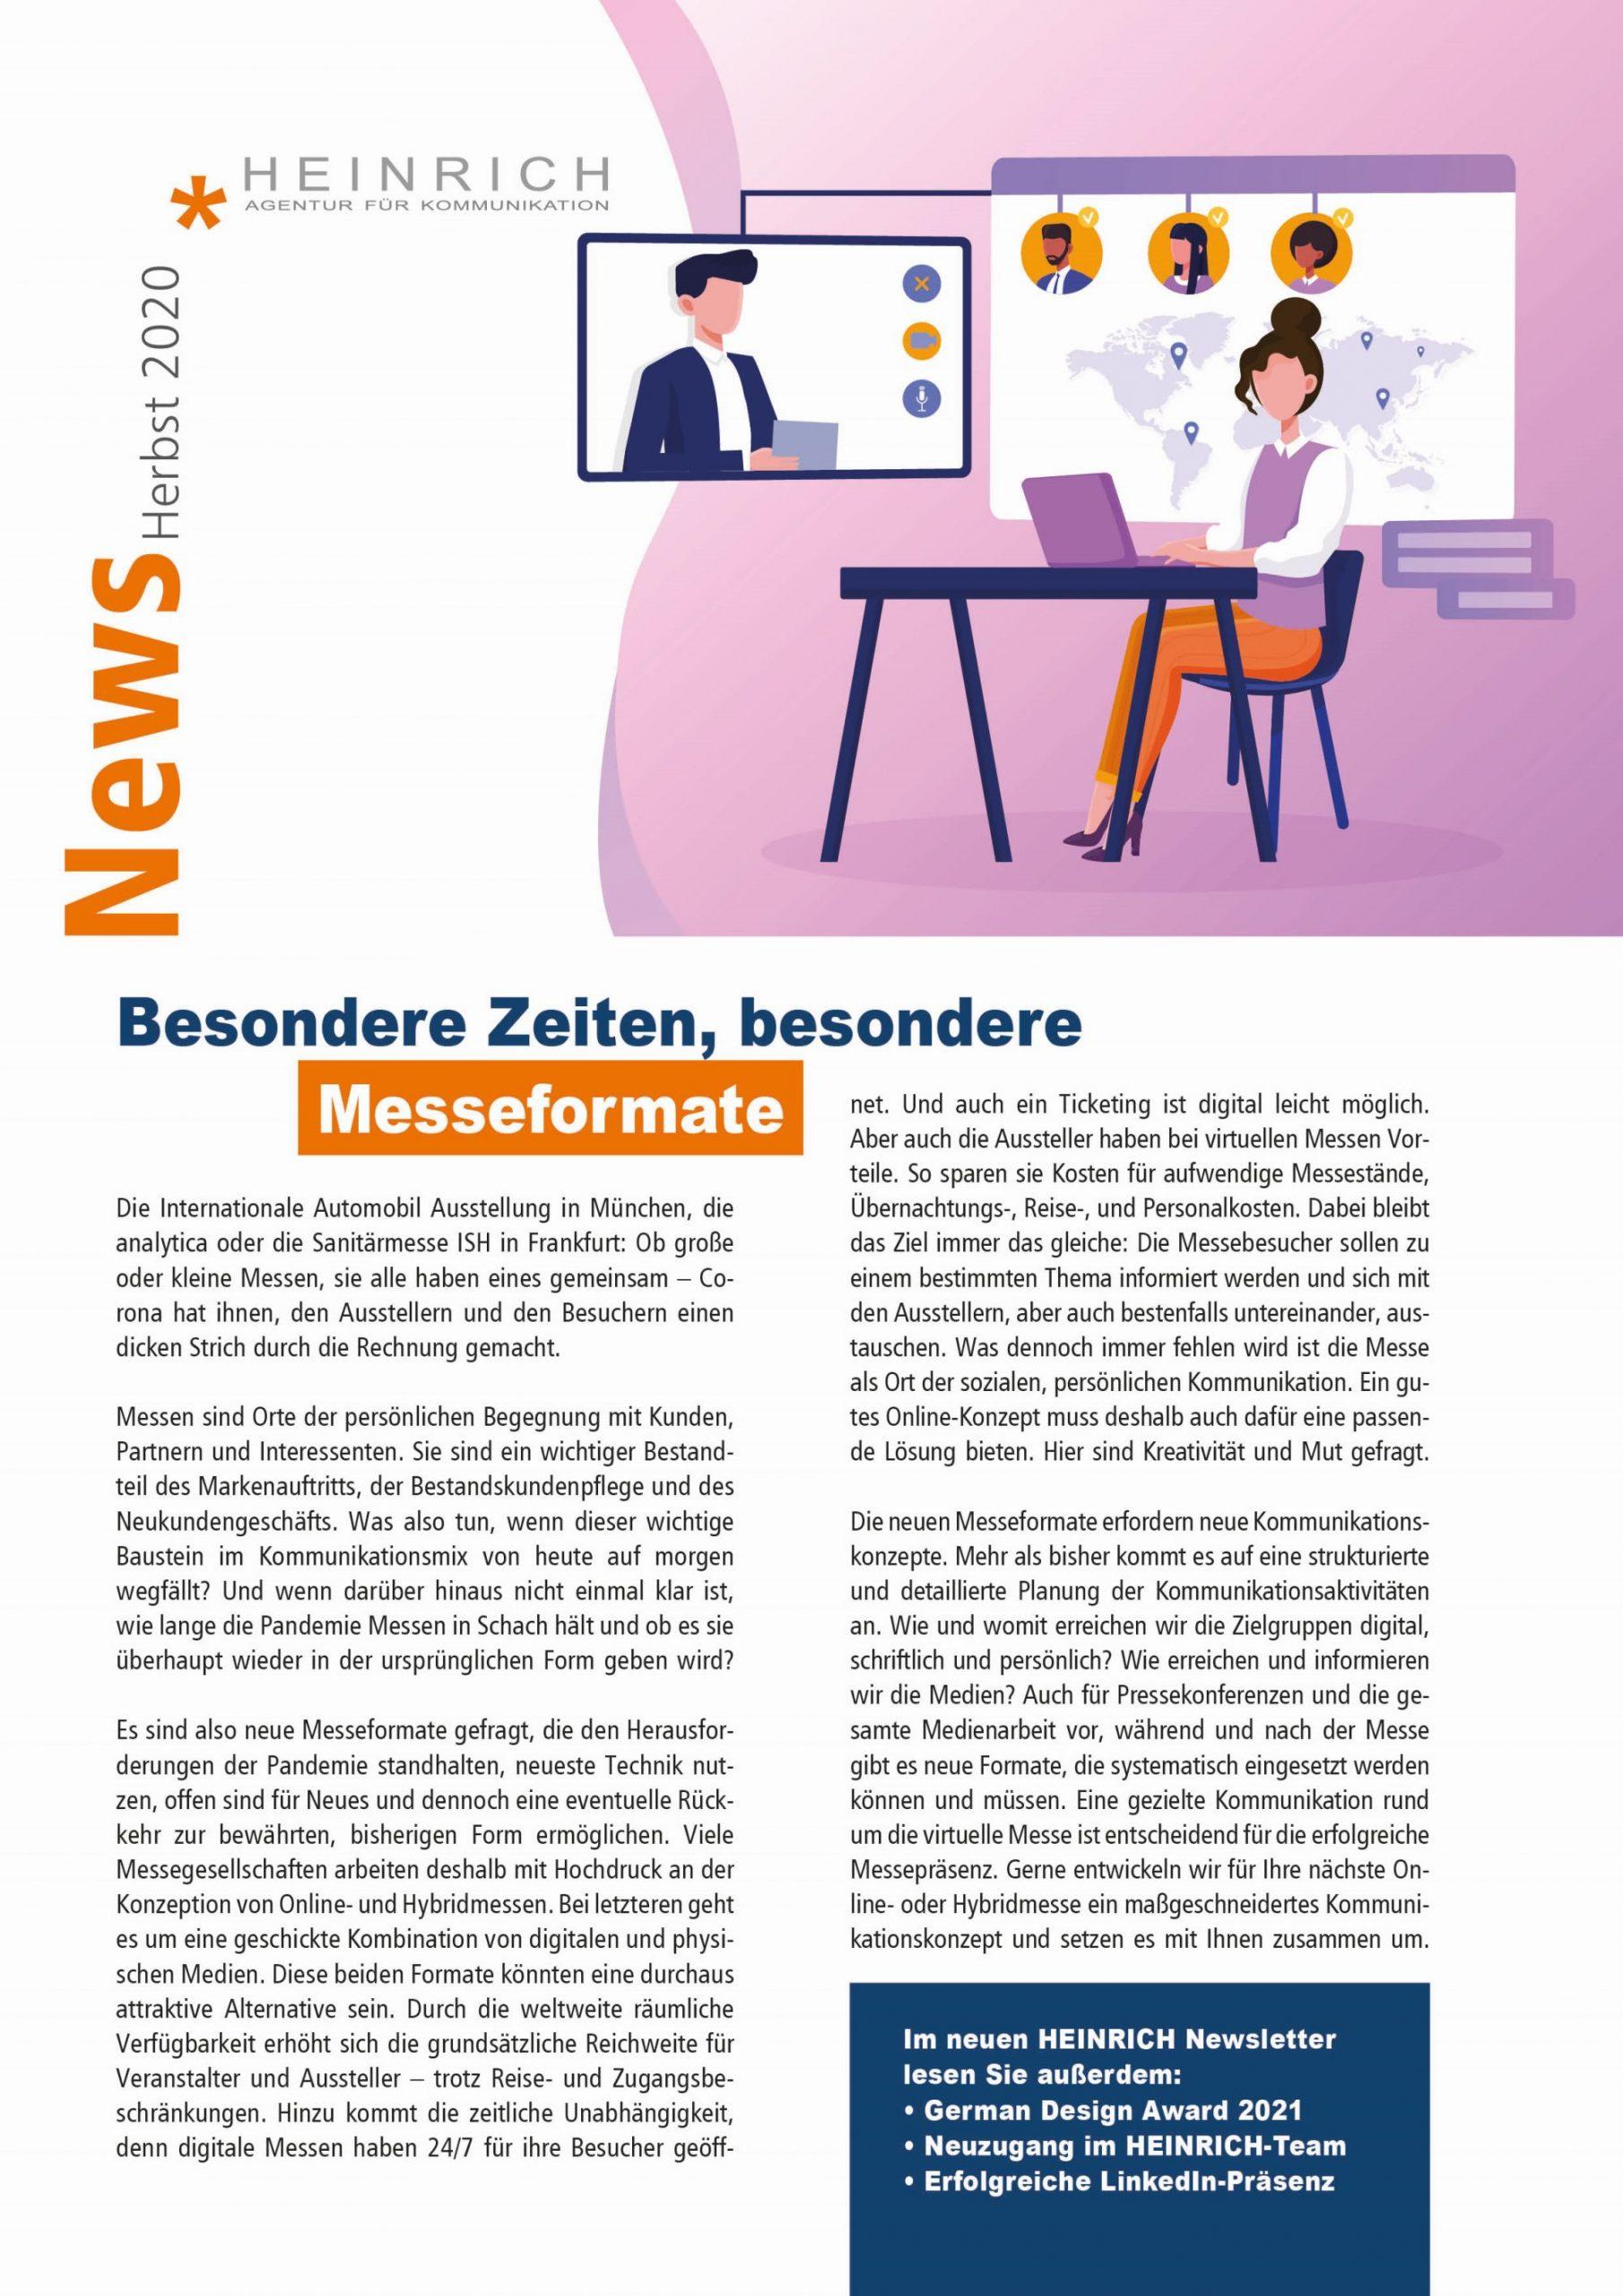 HEINRICH_Newsletter_Herbst-2020_Titel